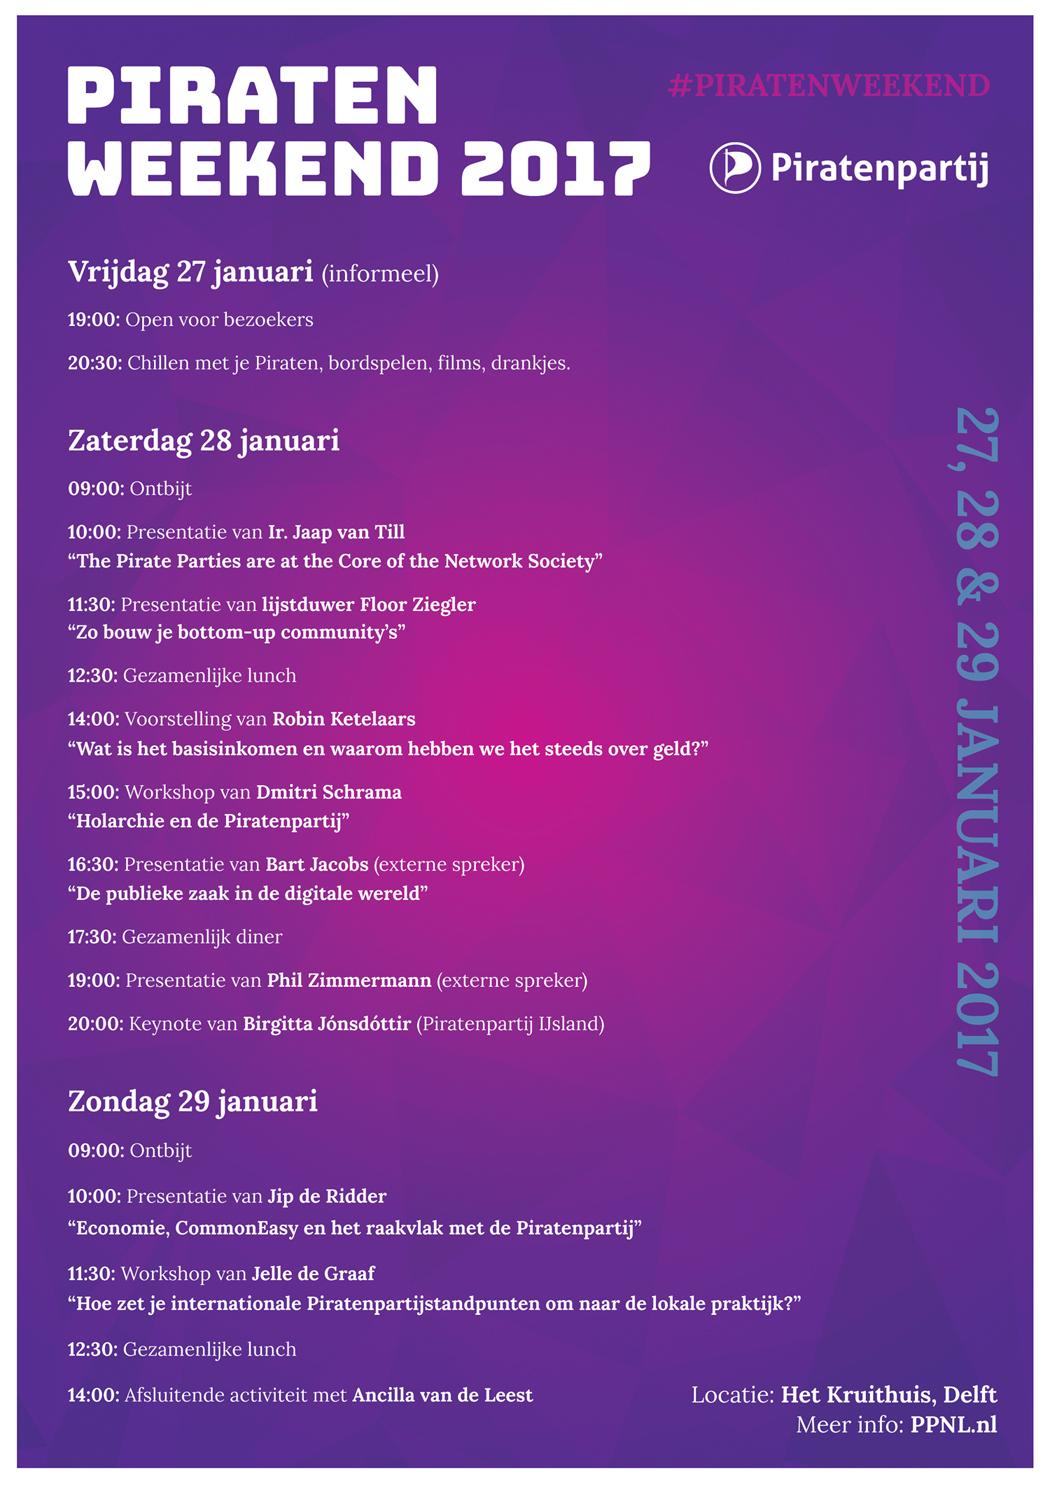 Piratenweekend2017-Programma